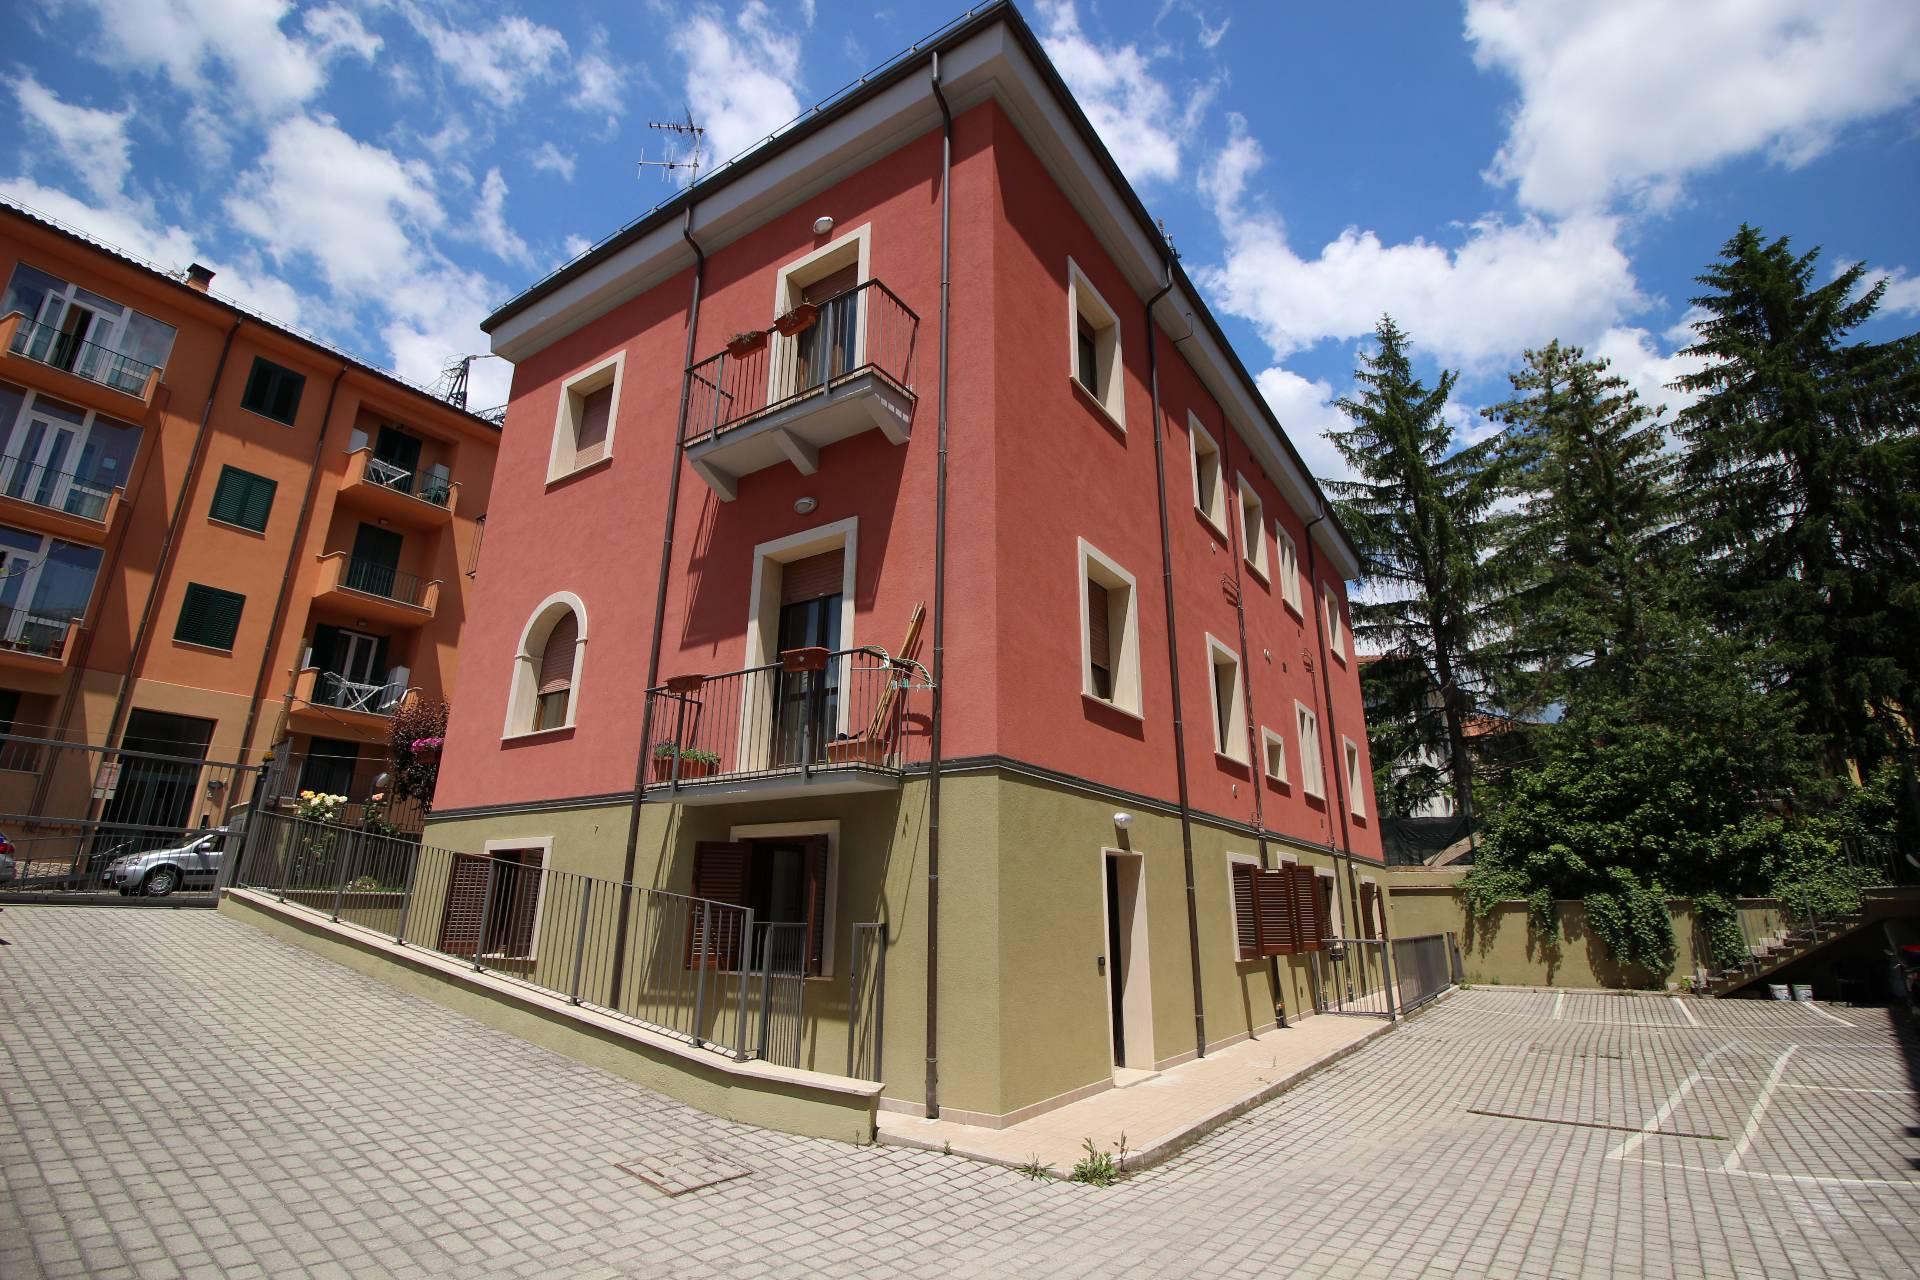 Appartamento a L'aquila (L'Aquila) in Vendita